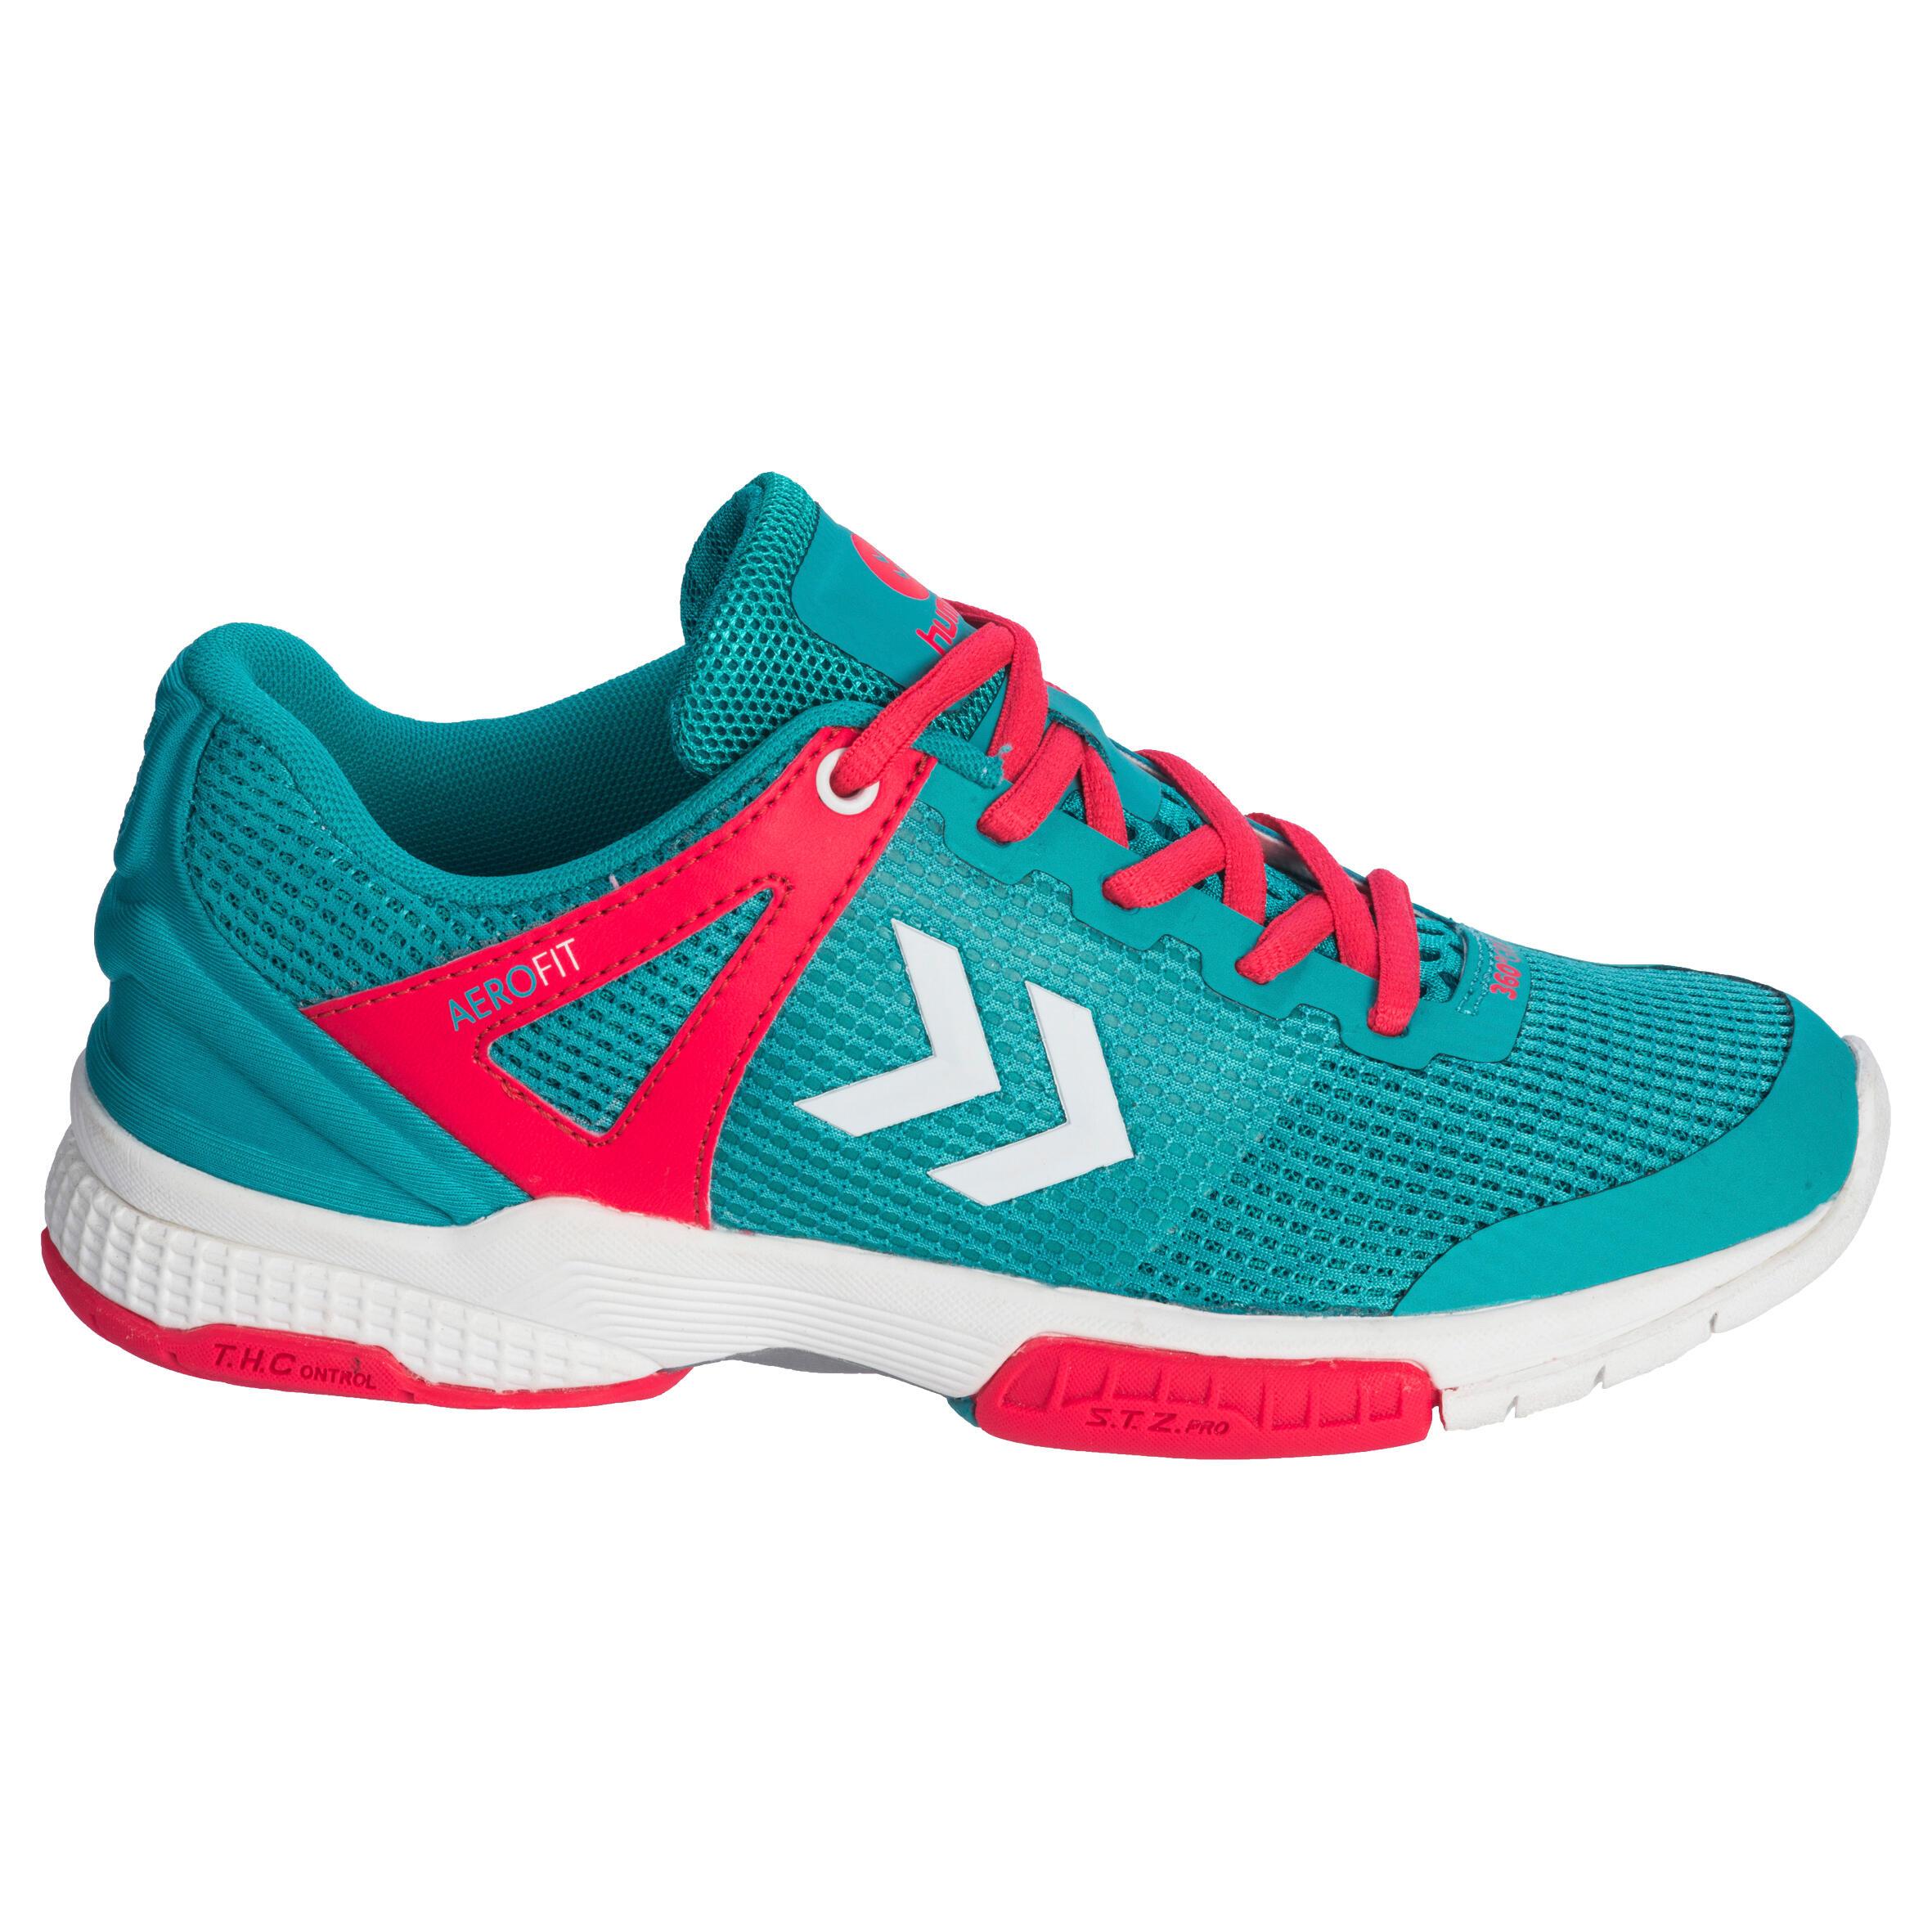 Sportschoenen dames kopen met voordeel